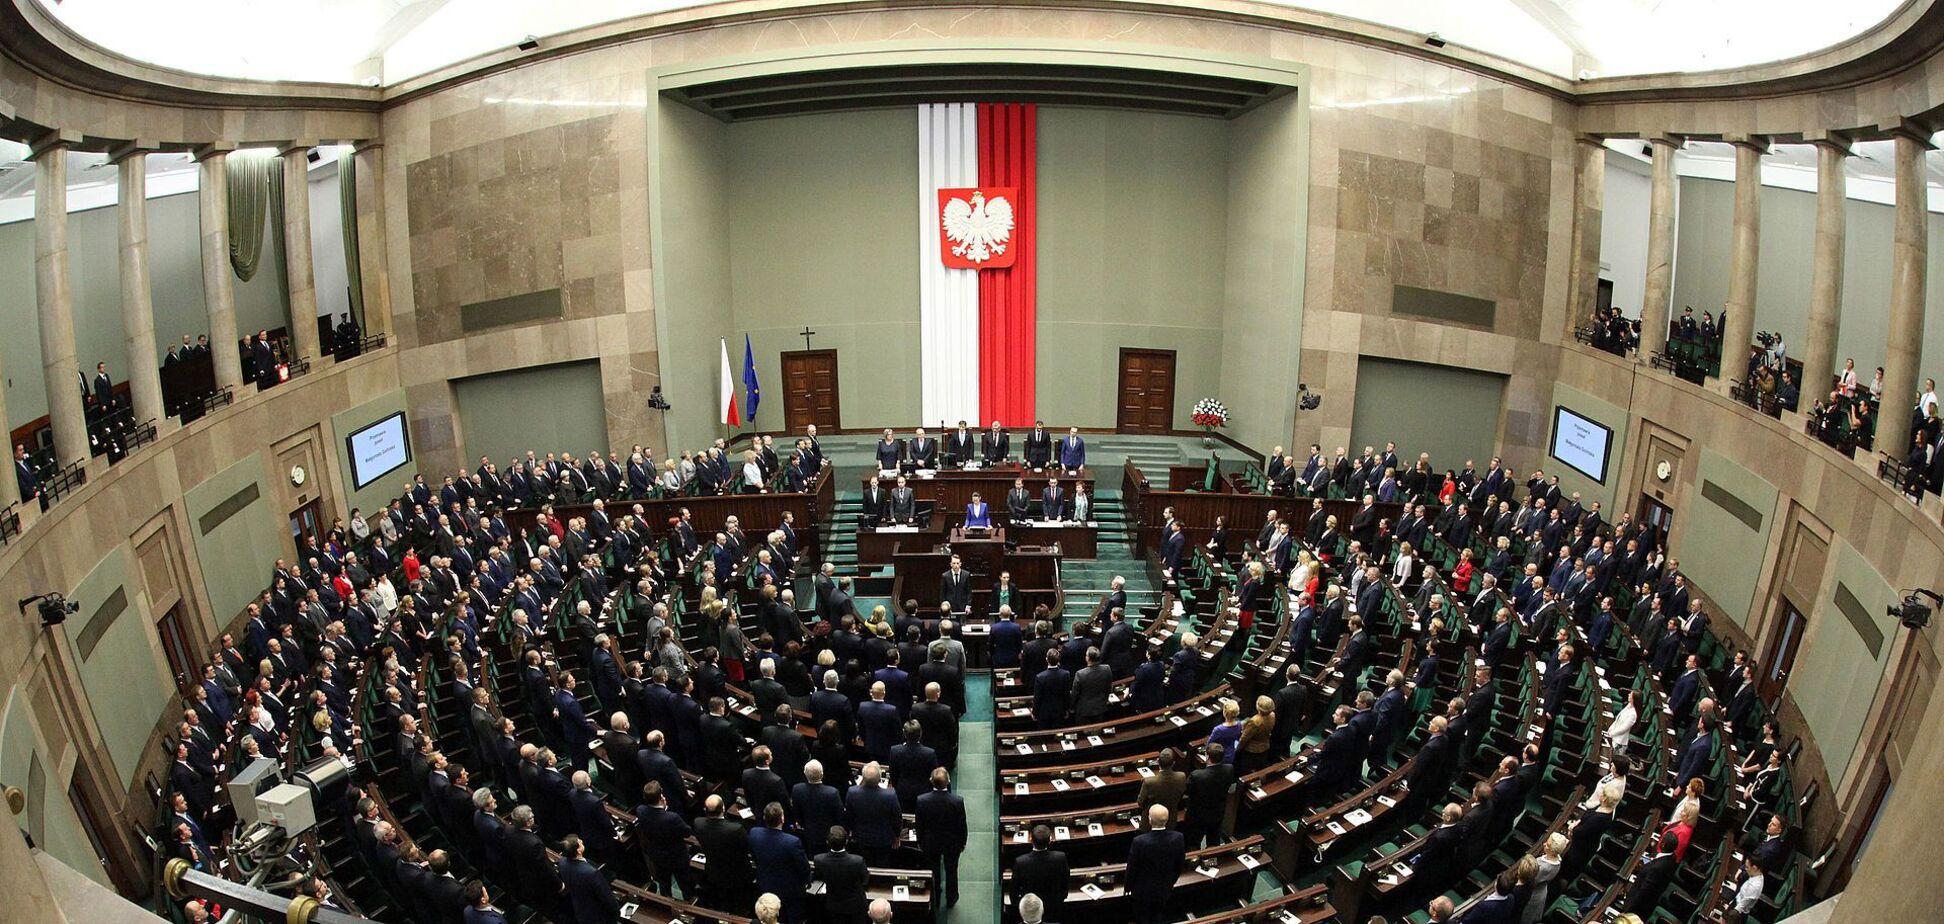 Сейм Польші створив групу на підтримку Меморіалу 'Бабин Яр' у Києві